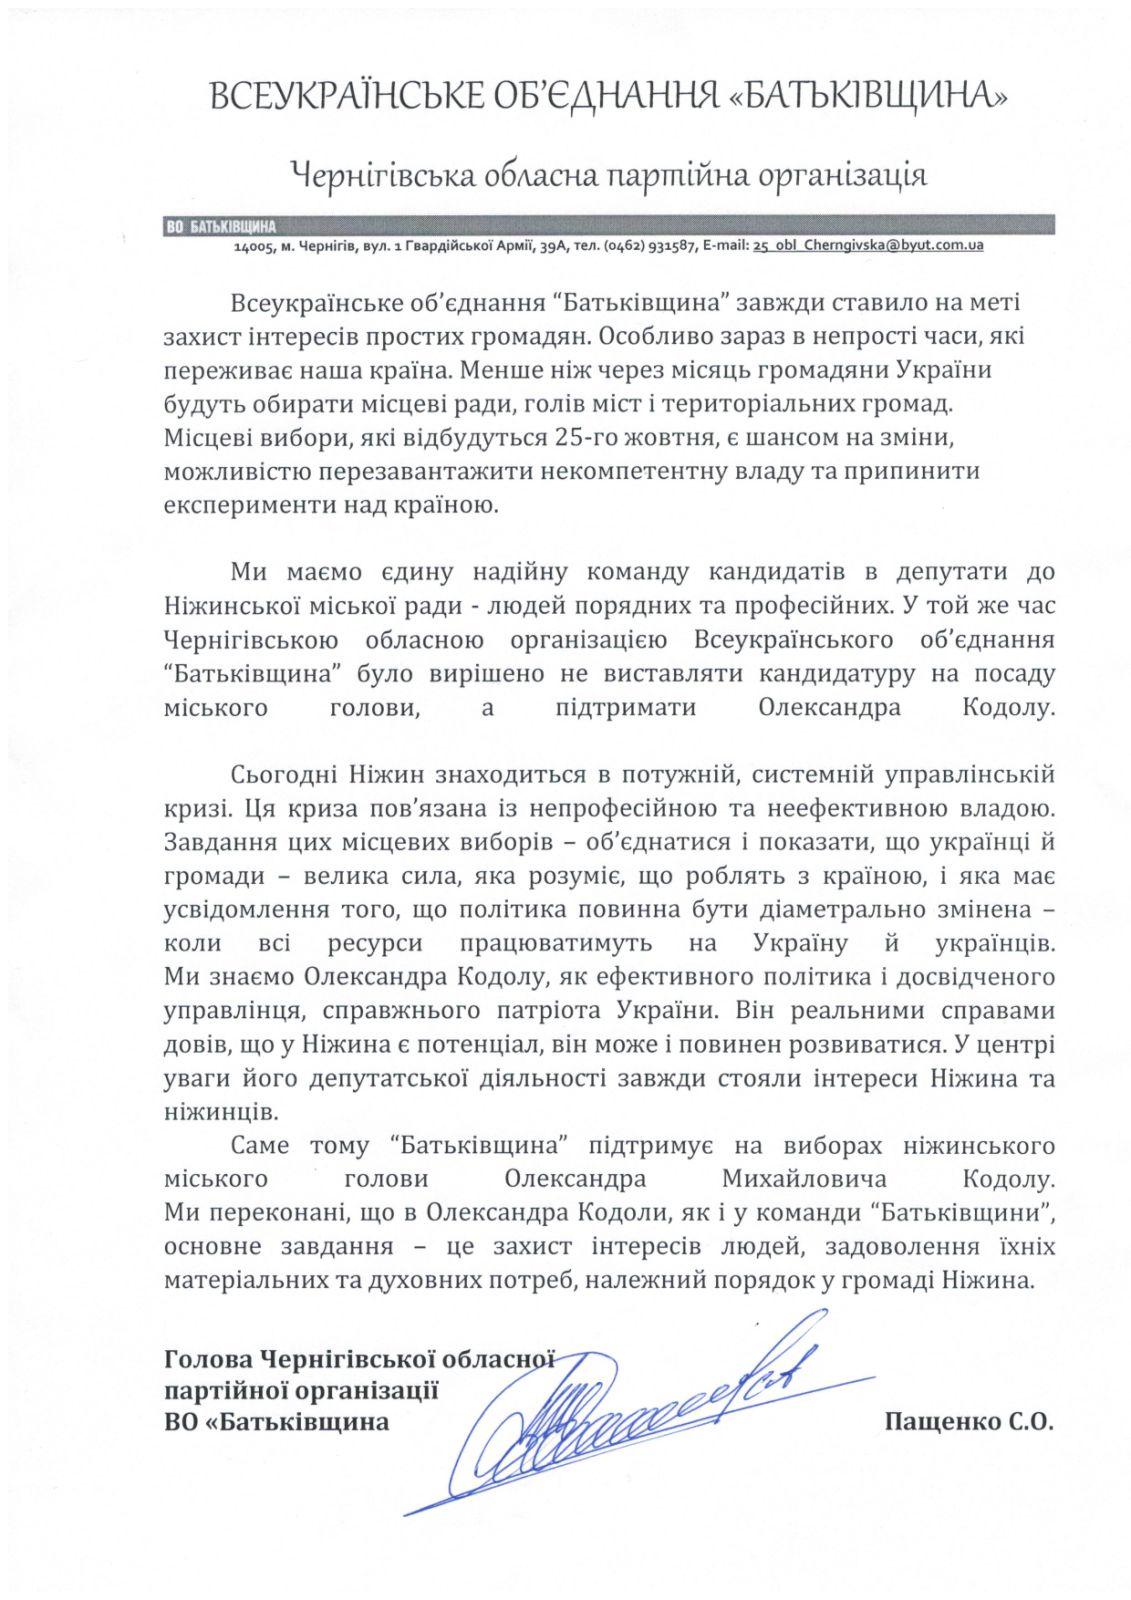 Олександр Кодола, За майбутнє, ВО Батьківщина, підтримка